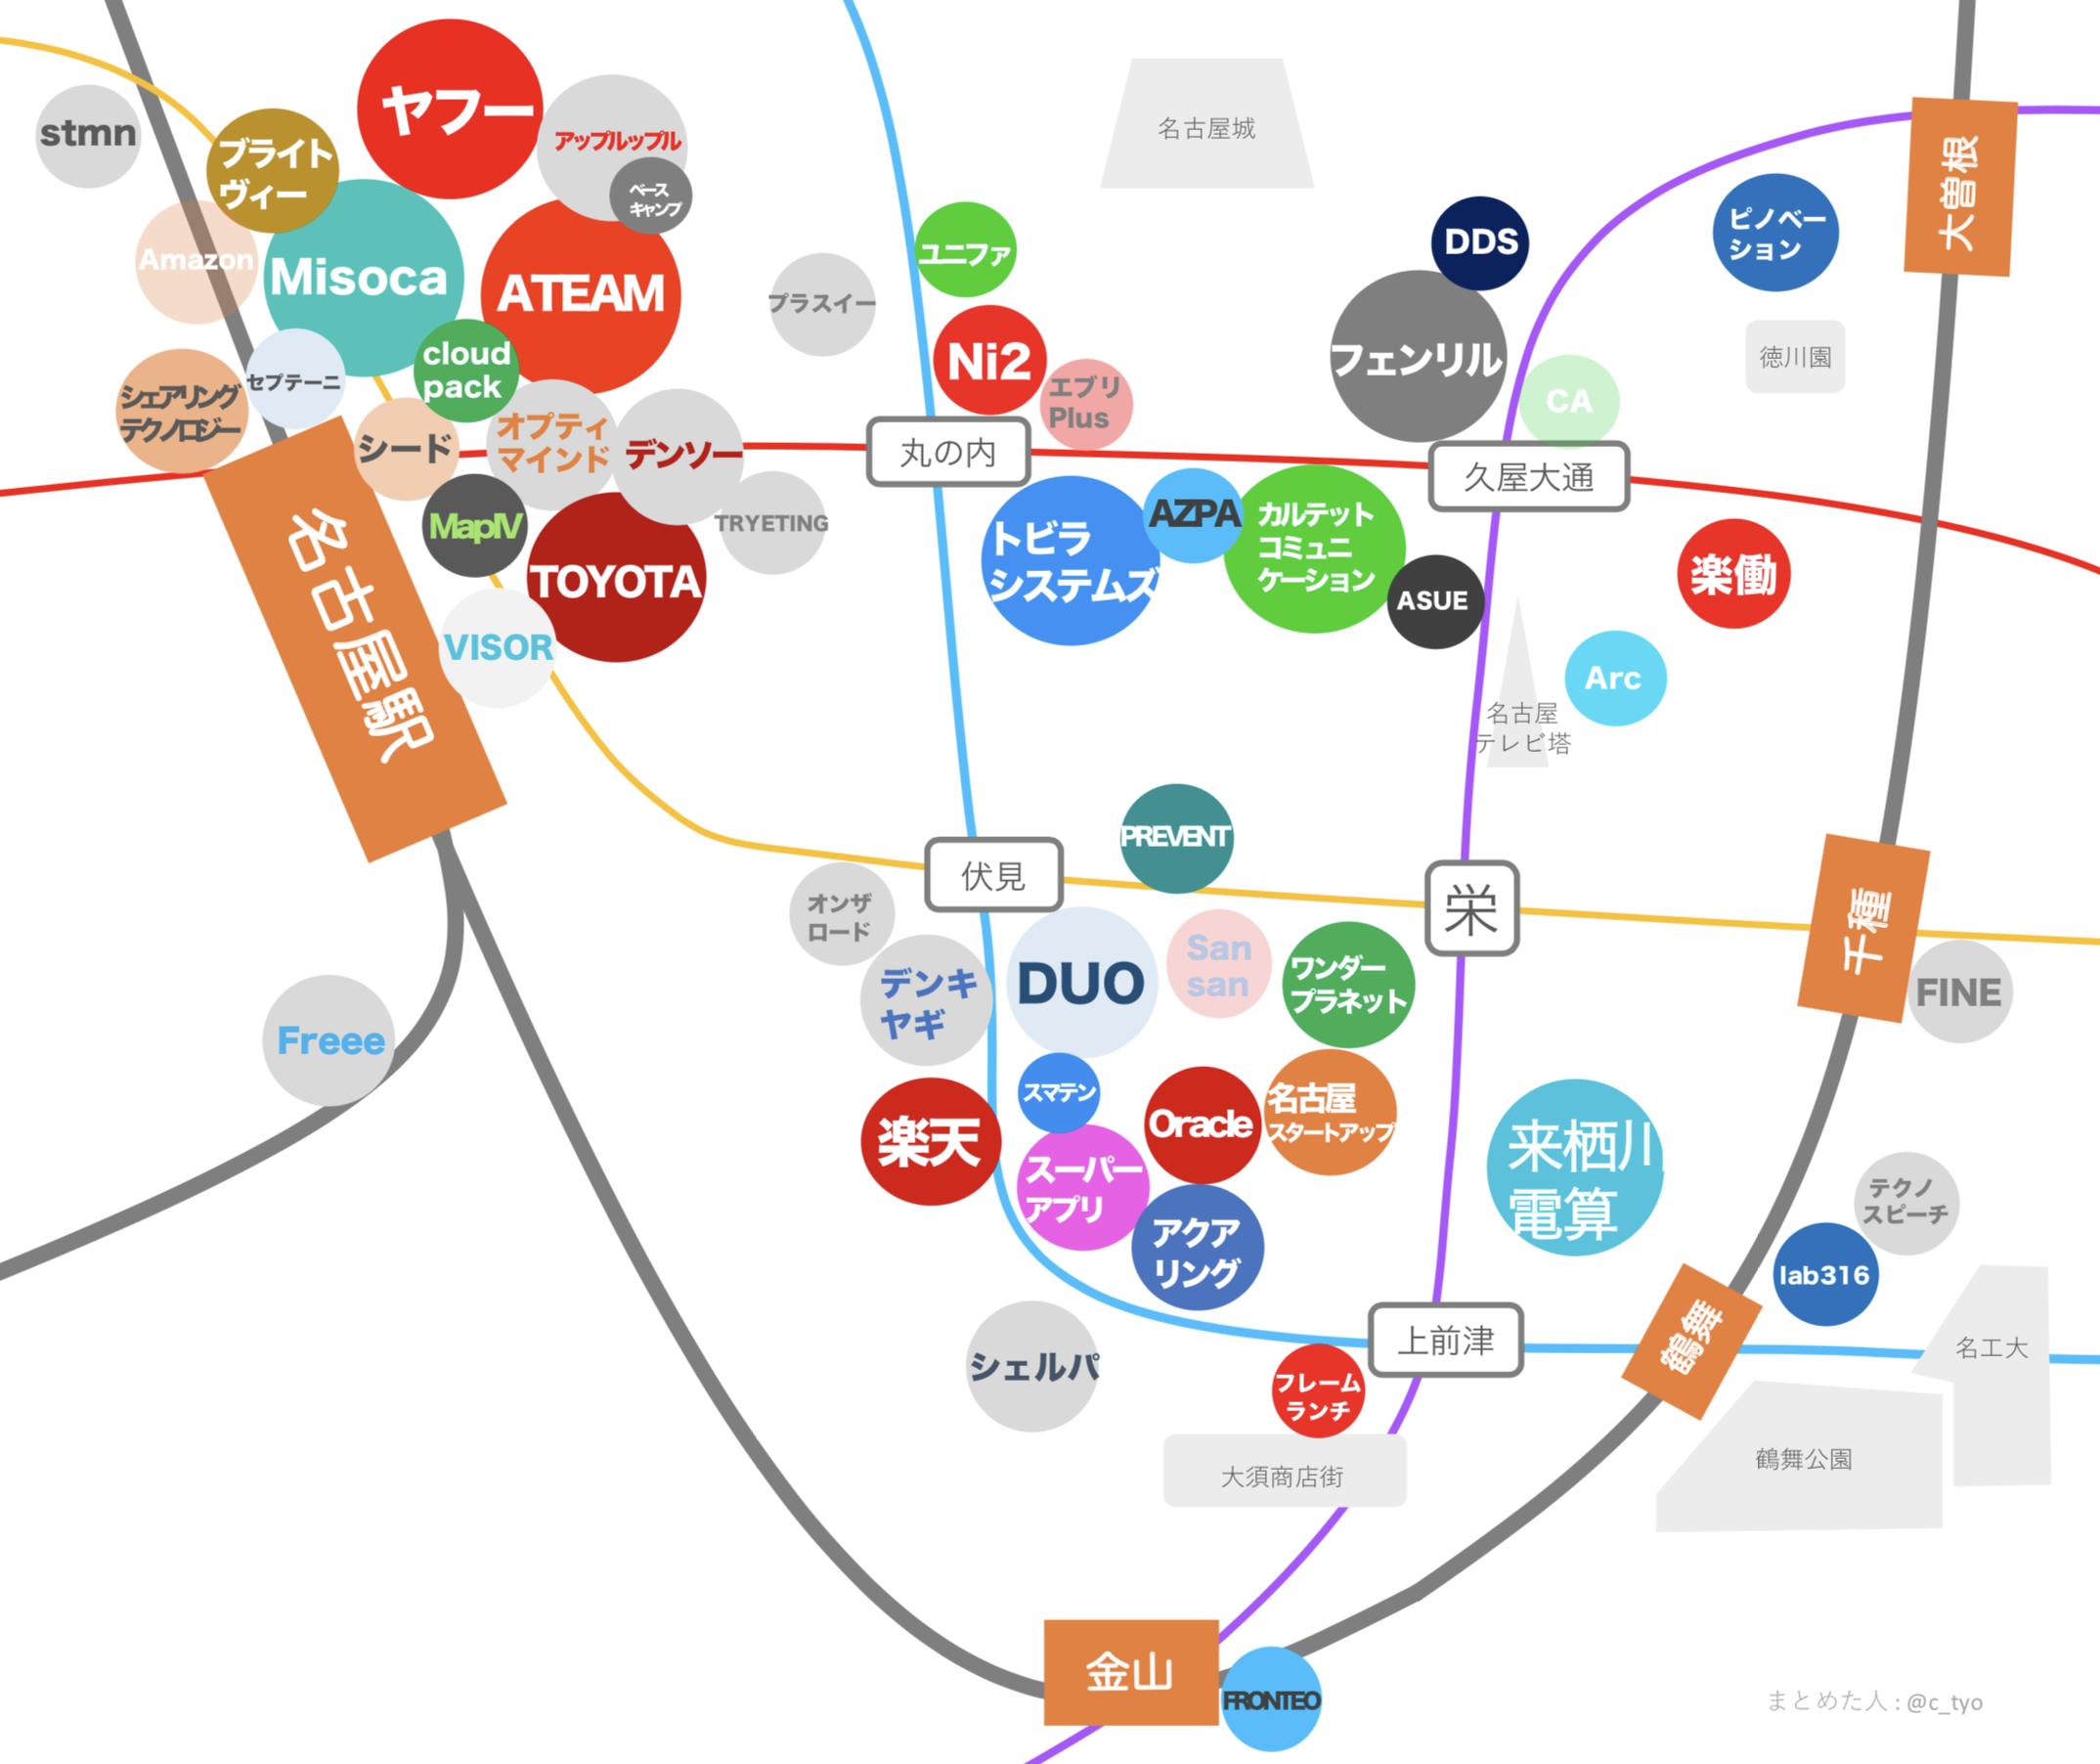 名古屋ネット系ベンチャー地図をざっくり描いてみた(2019新春)の画像